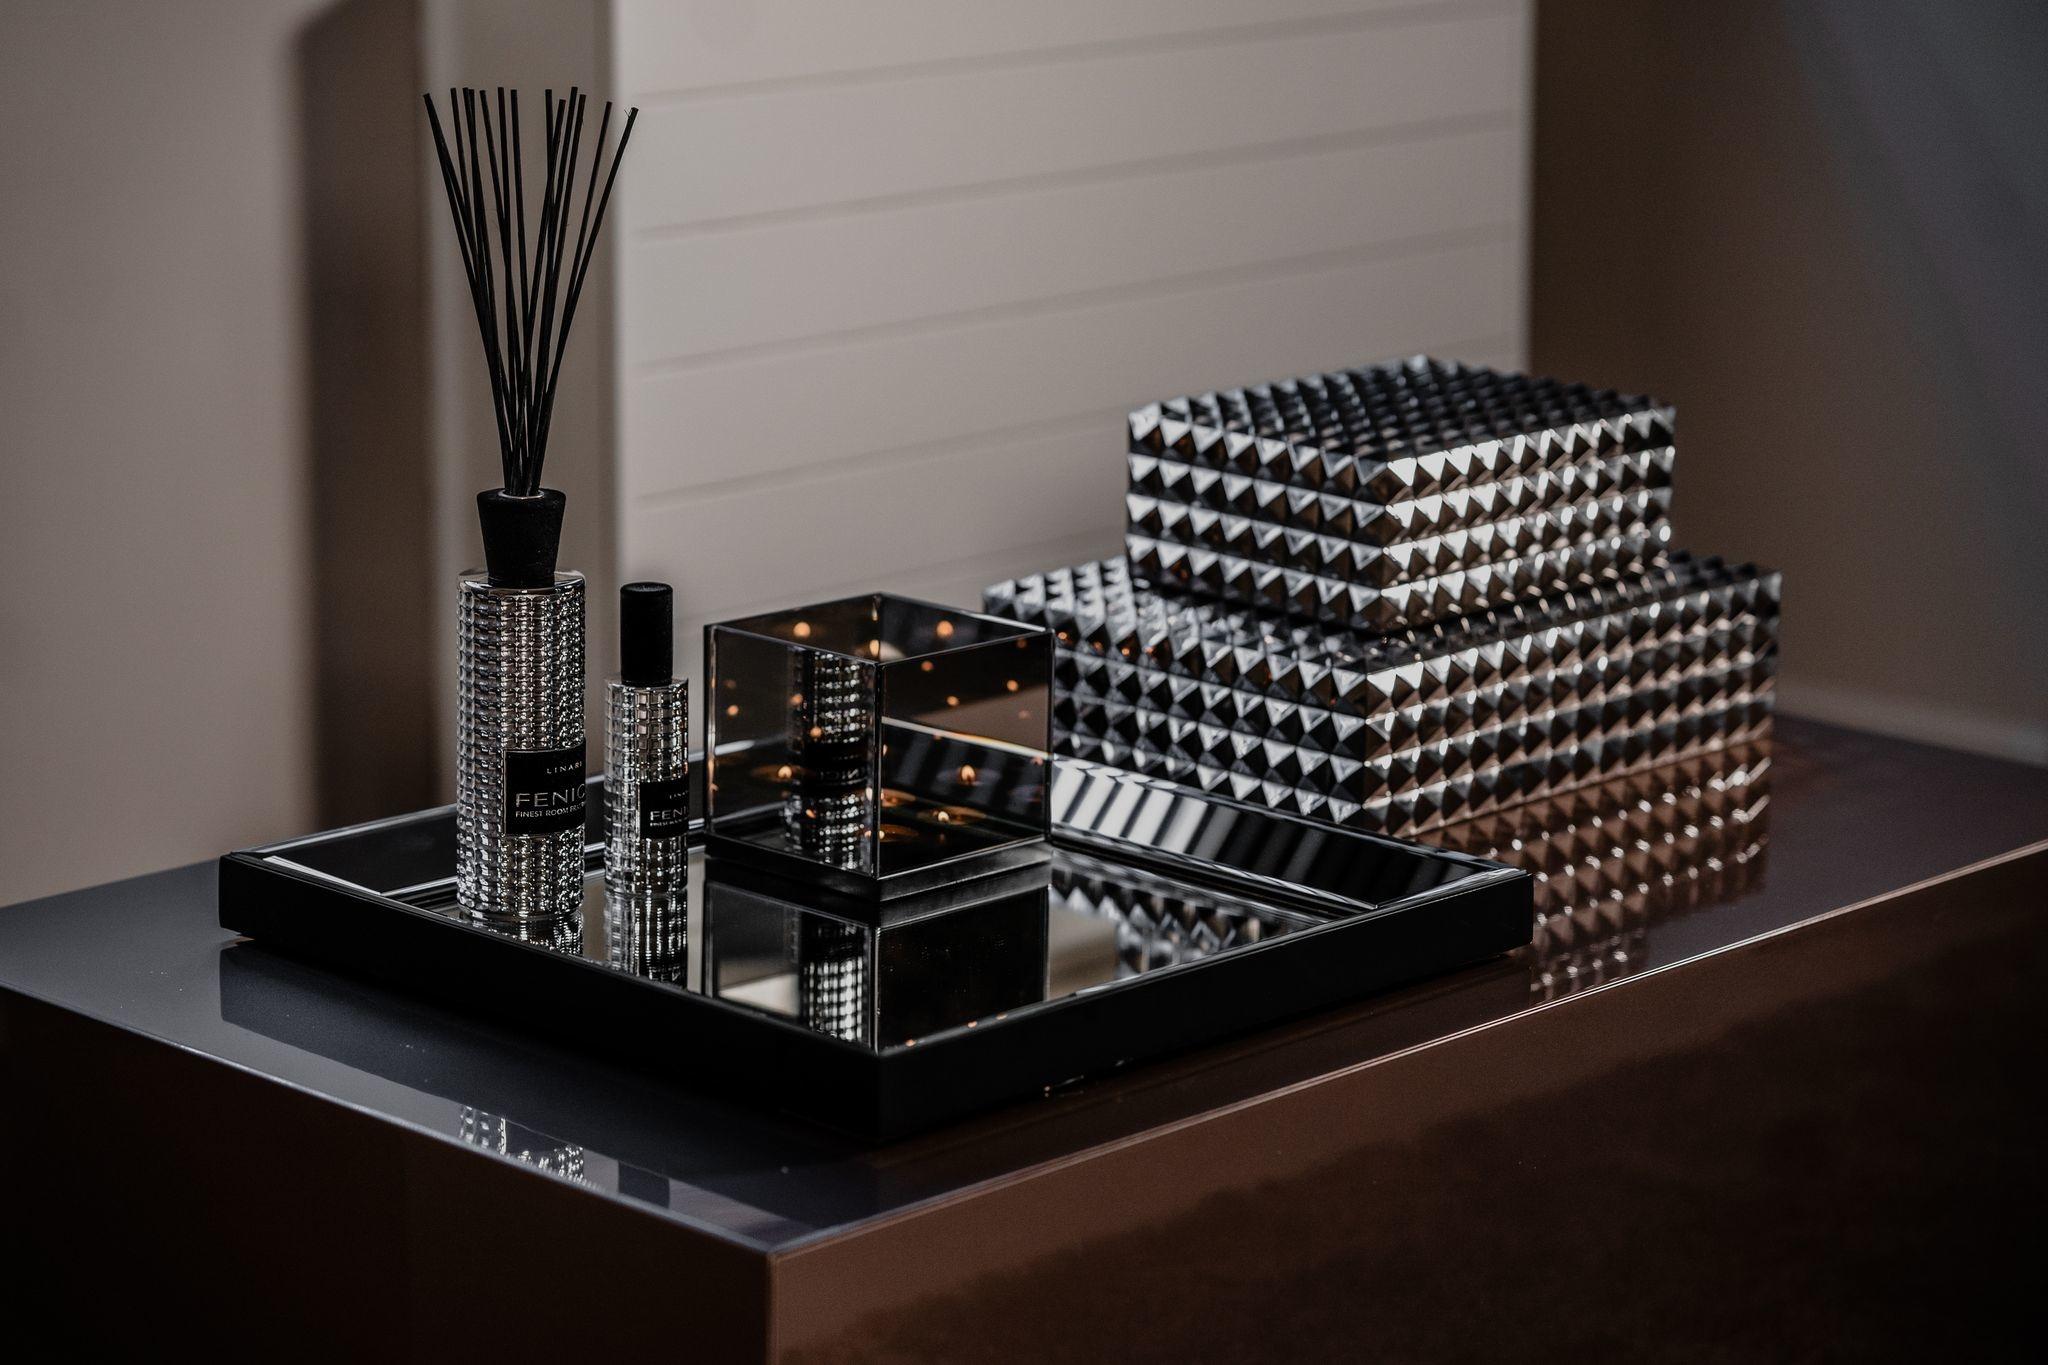 Linari zilver Fenice diffuser en roomspray interieurparfum